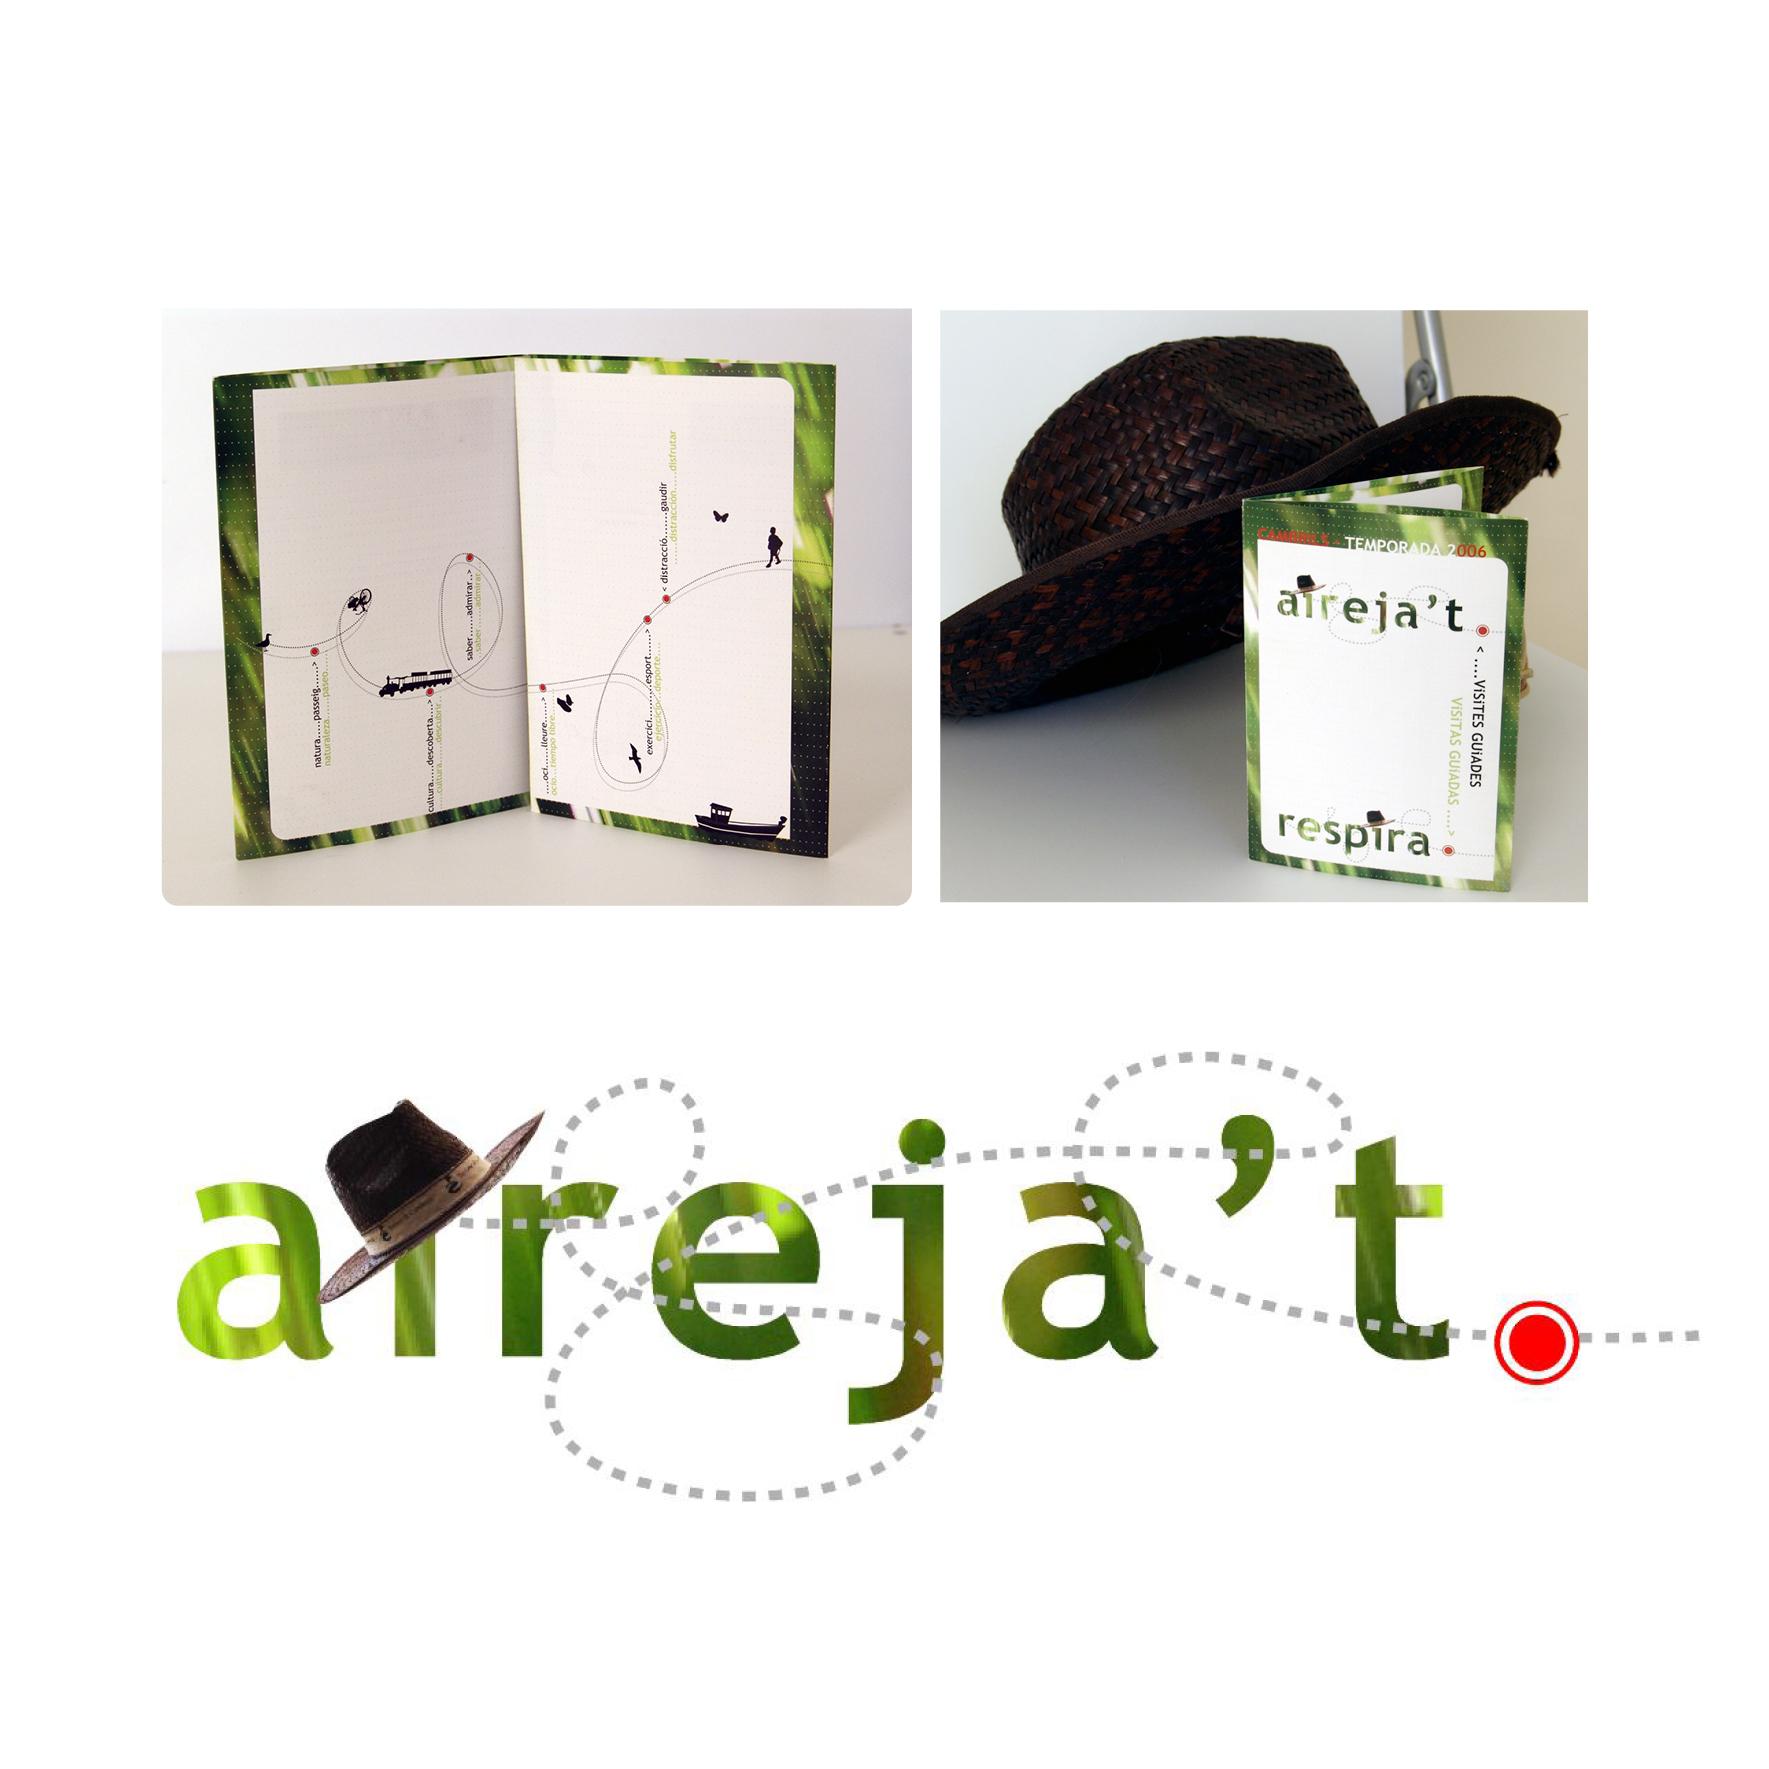 adezeta_airejat